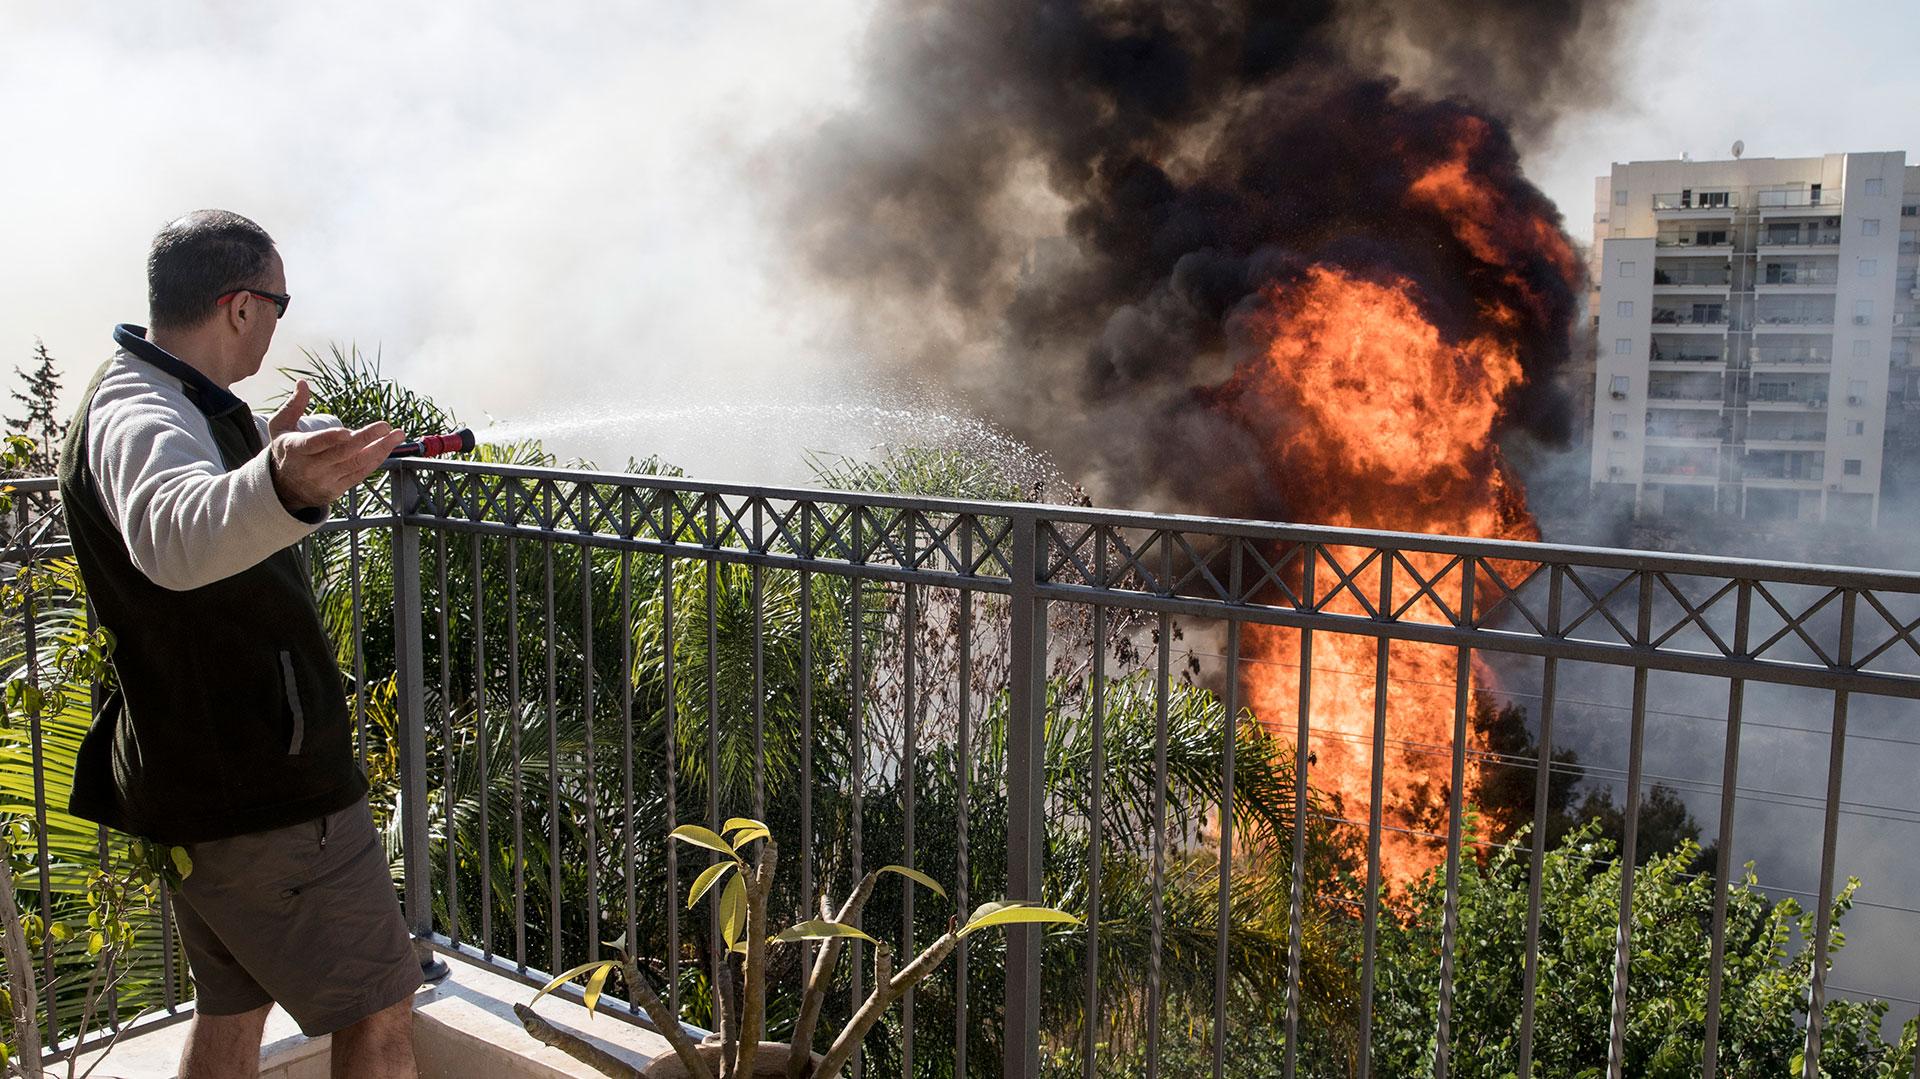 incendio-en-israel-5